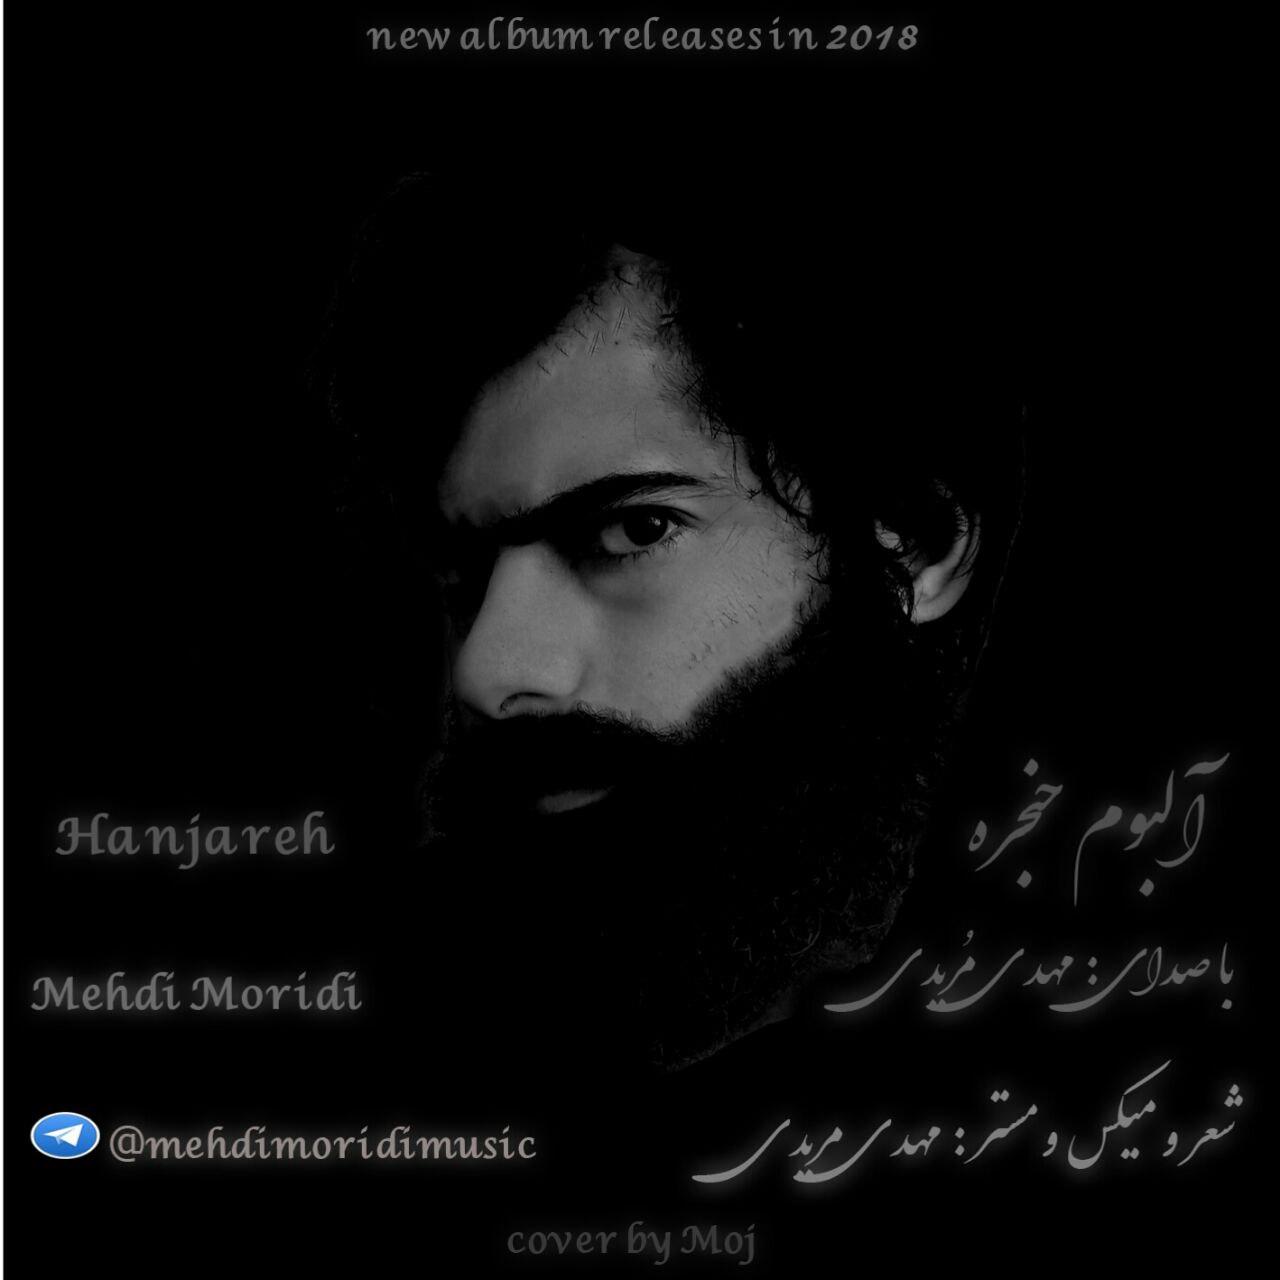 مهدی مریدی - میترسم